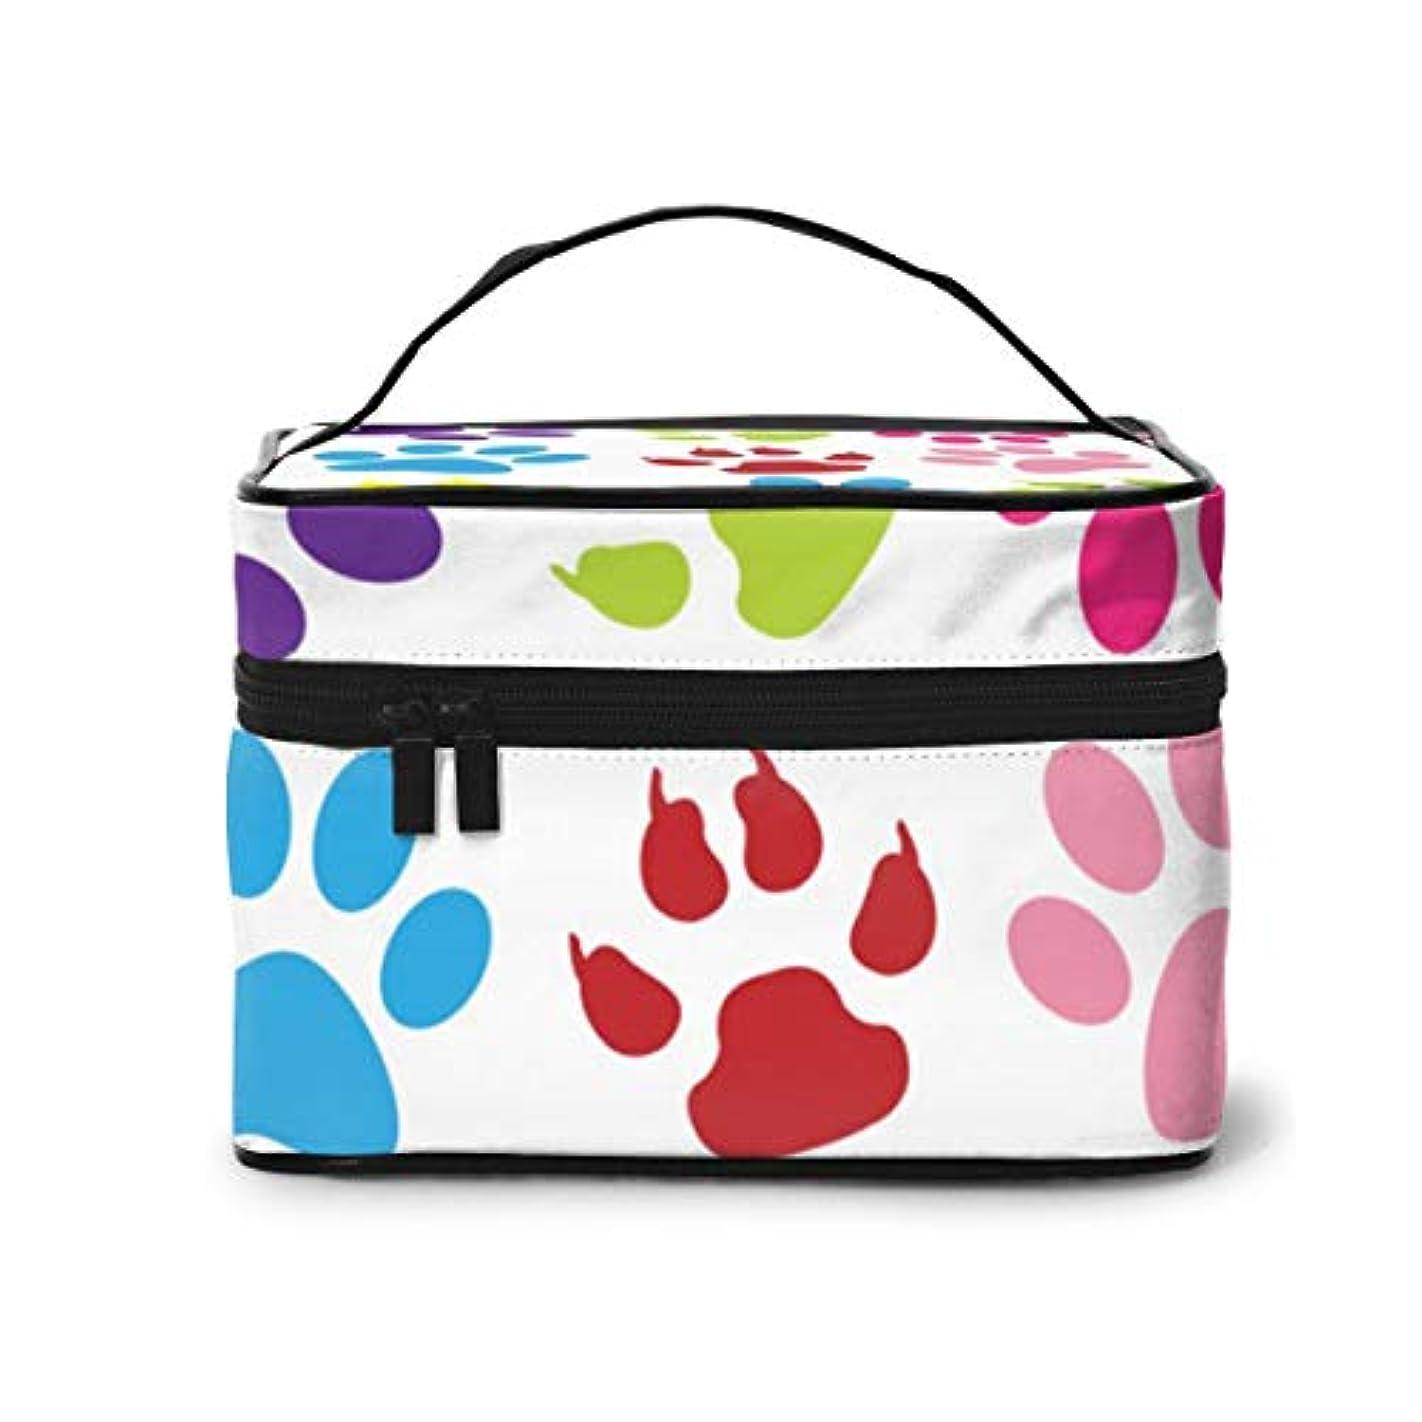 観光に行くナチュラル合計メイクポーチ 化粧ポーチ コスメバッグ バニティケース トラベルポーチ 犬 イヌ 足 雑貨 小物入れ 出張用 超軽量 機能的 大容量 収納ボックス